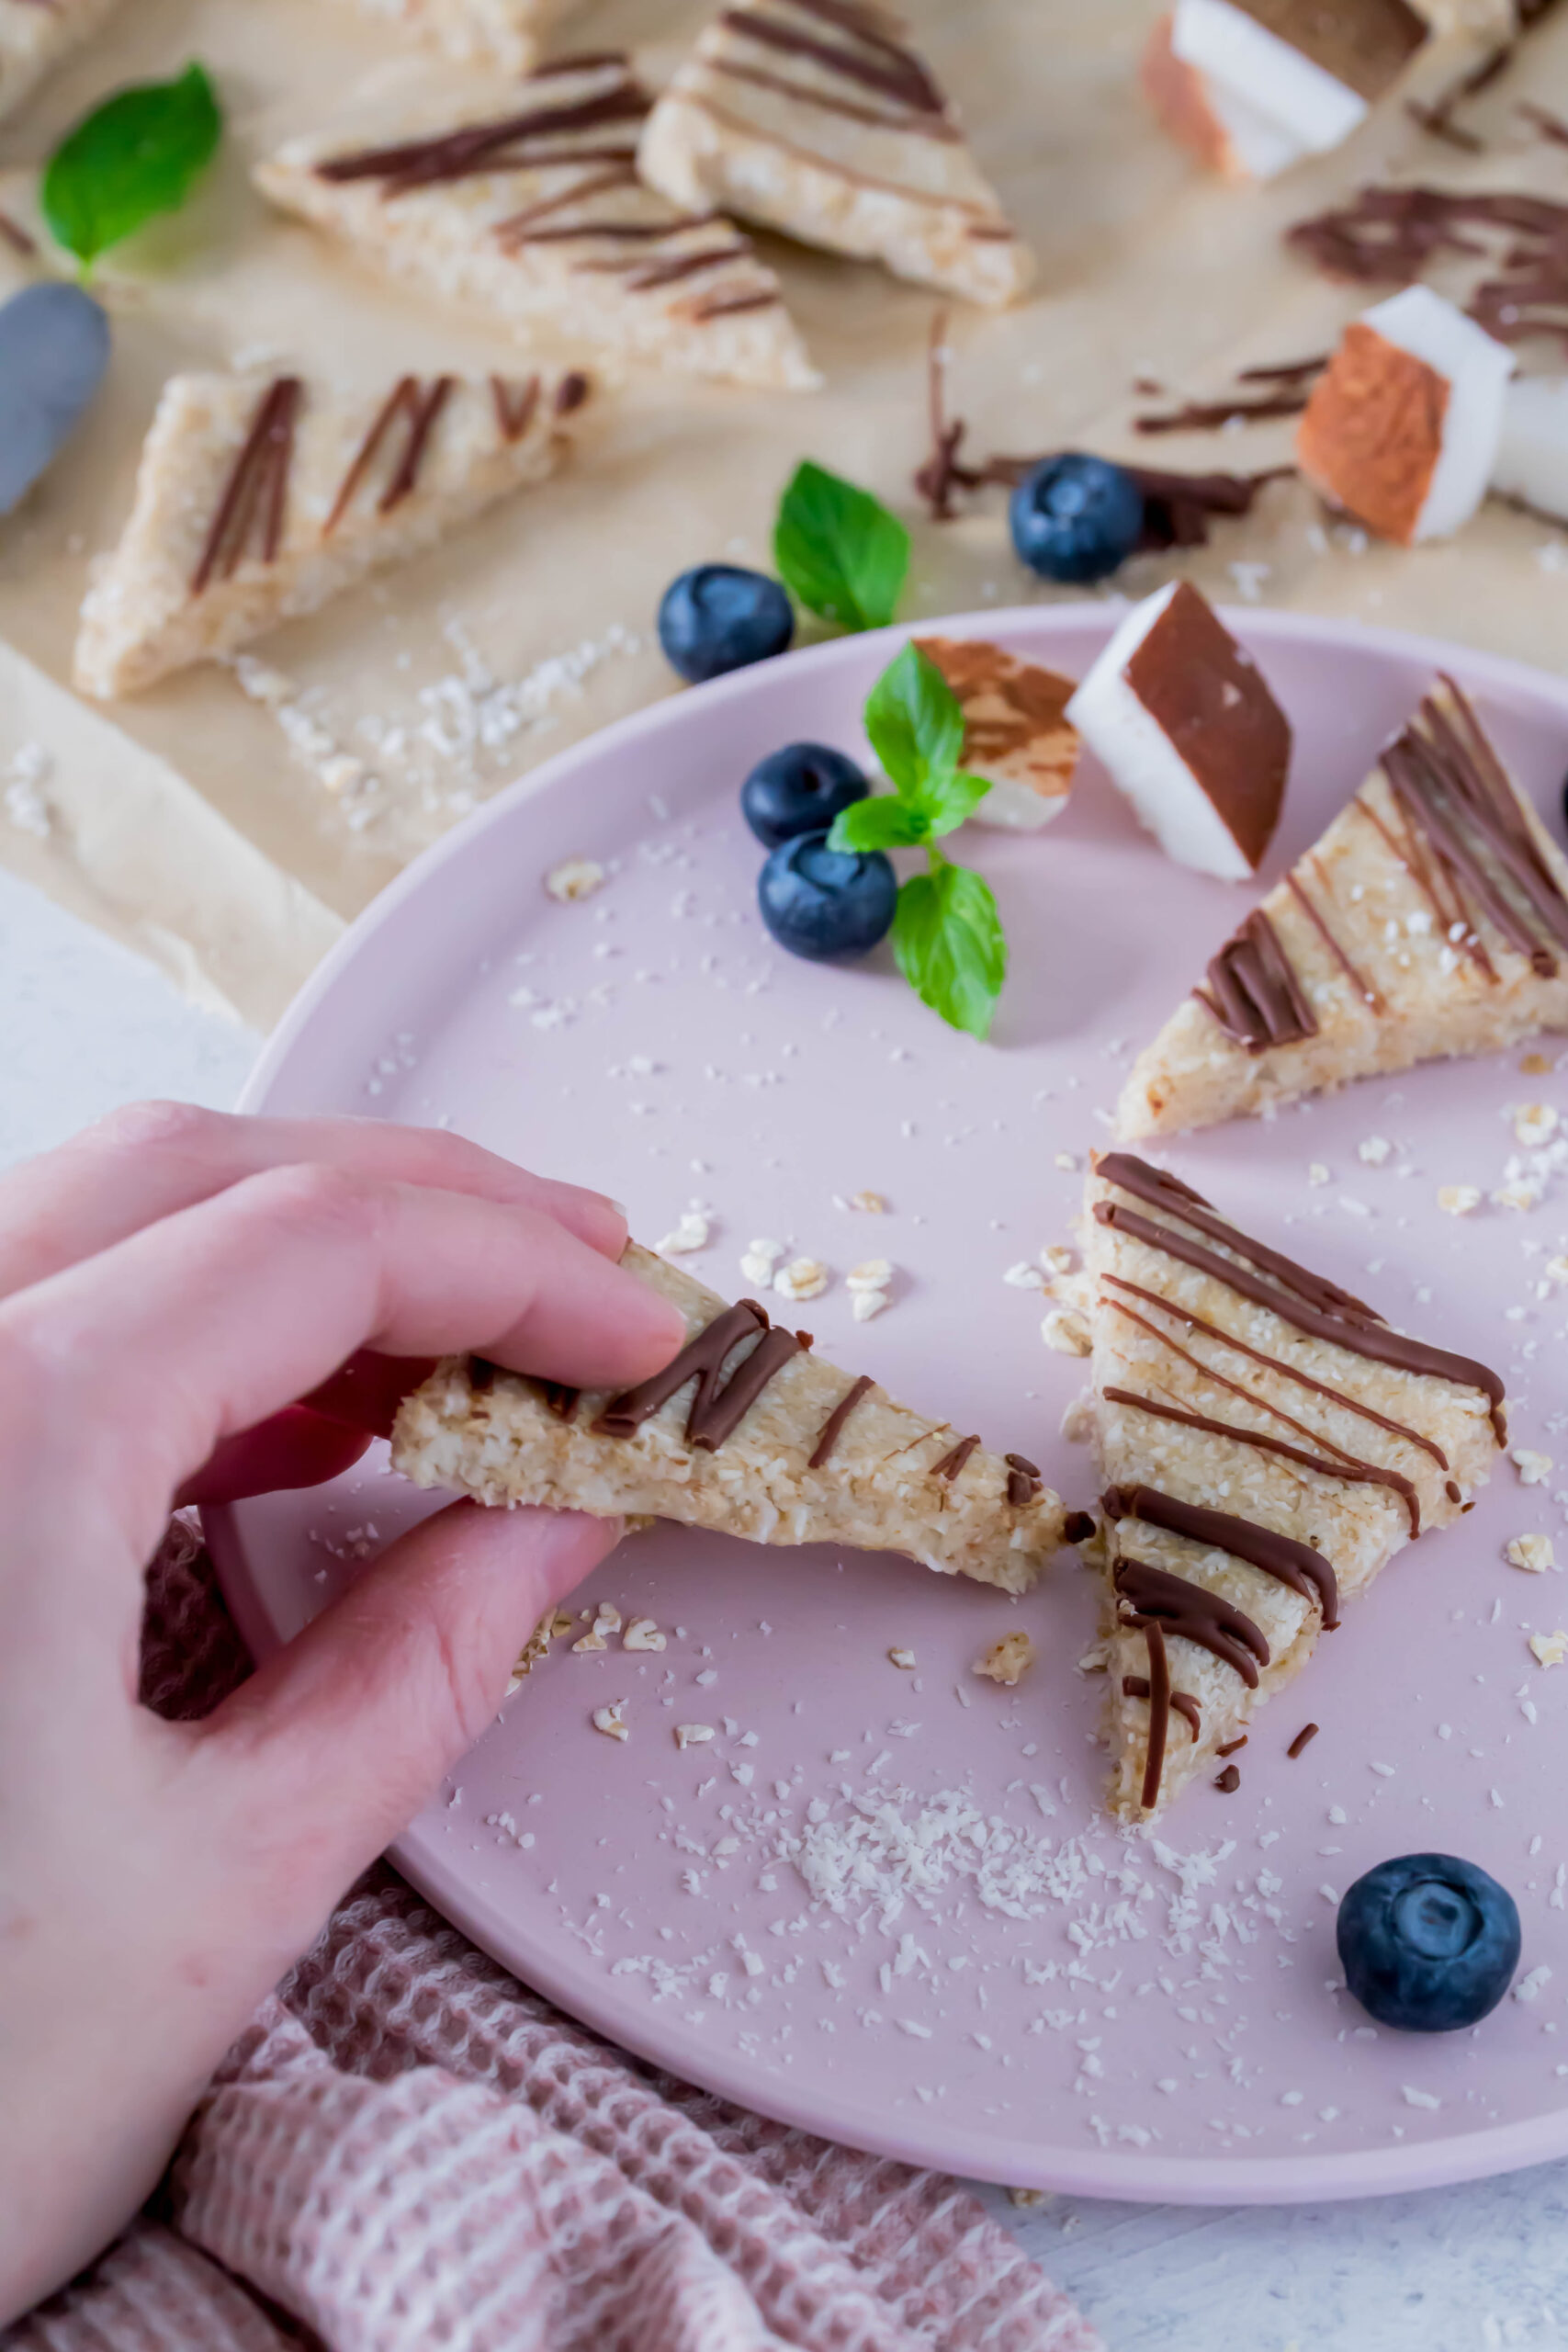 Schneller Snack für Kinder: No Bake Kokosecken ohne Zucker. Ideal für unterwegs.